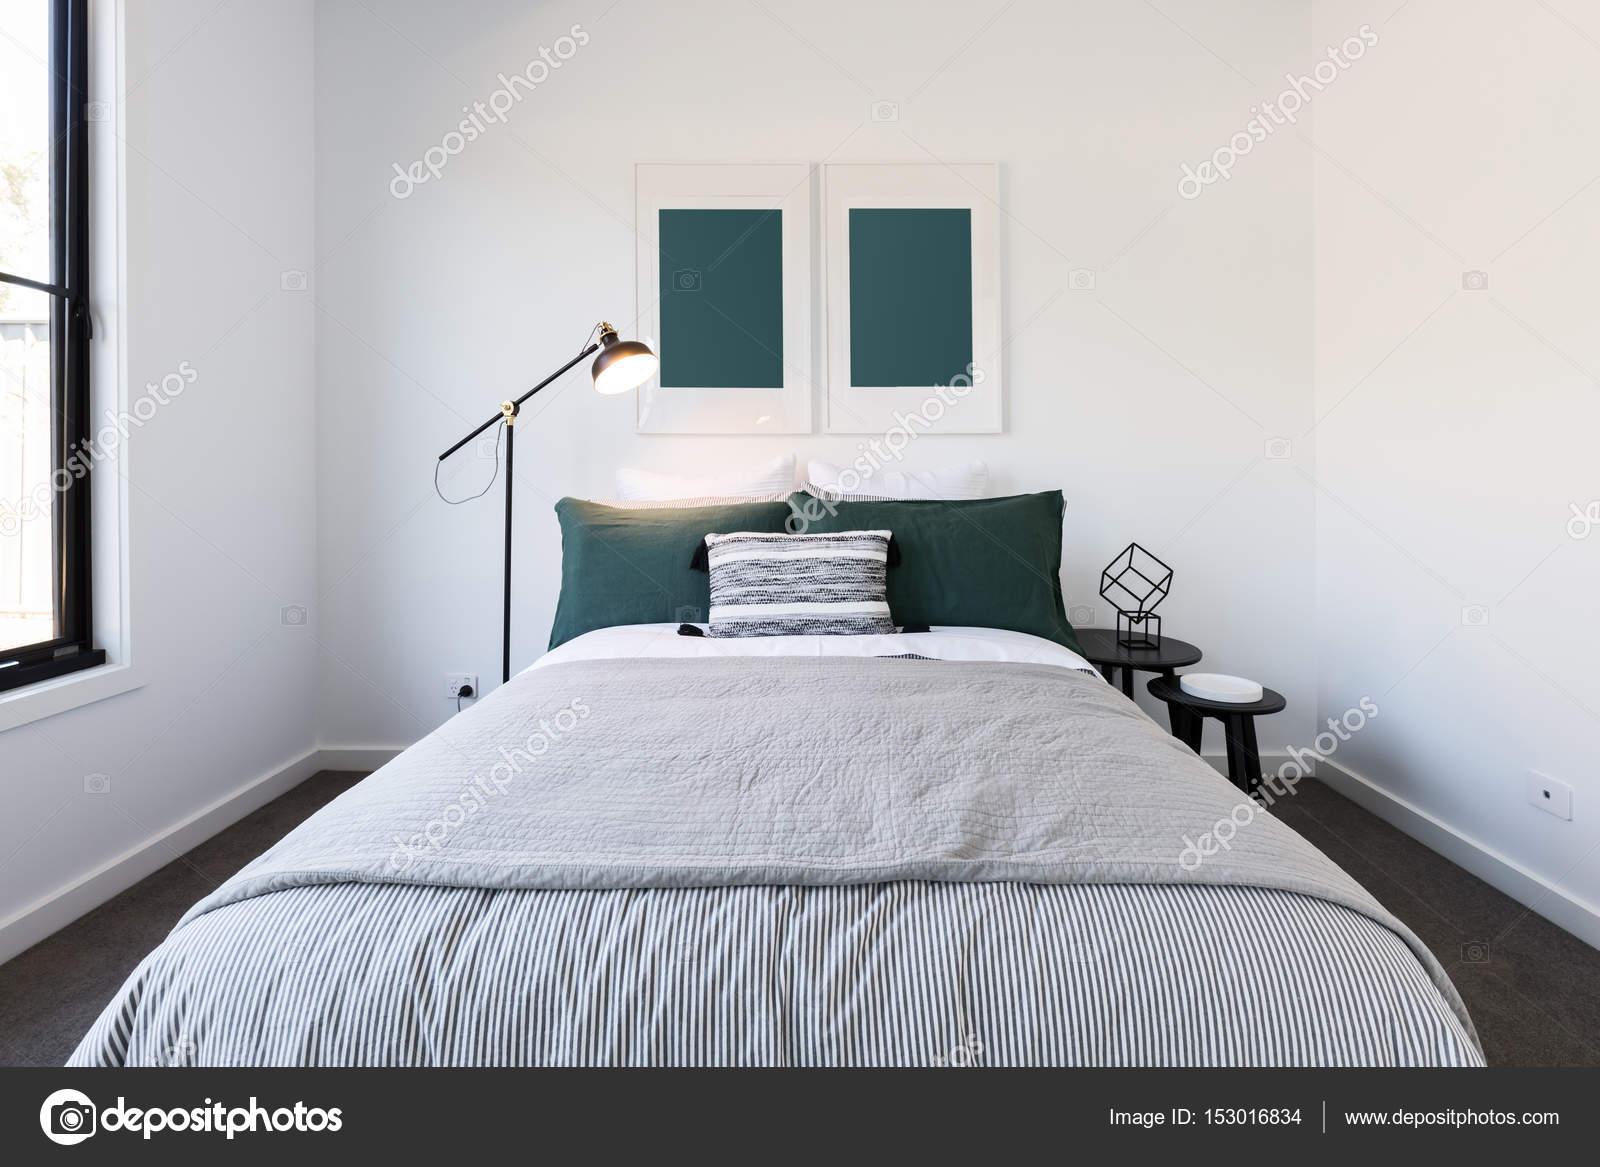 Groene en witte luxe slaapkamer — Stockfoto © jodiejohnson #153016834